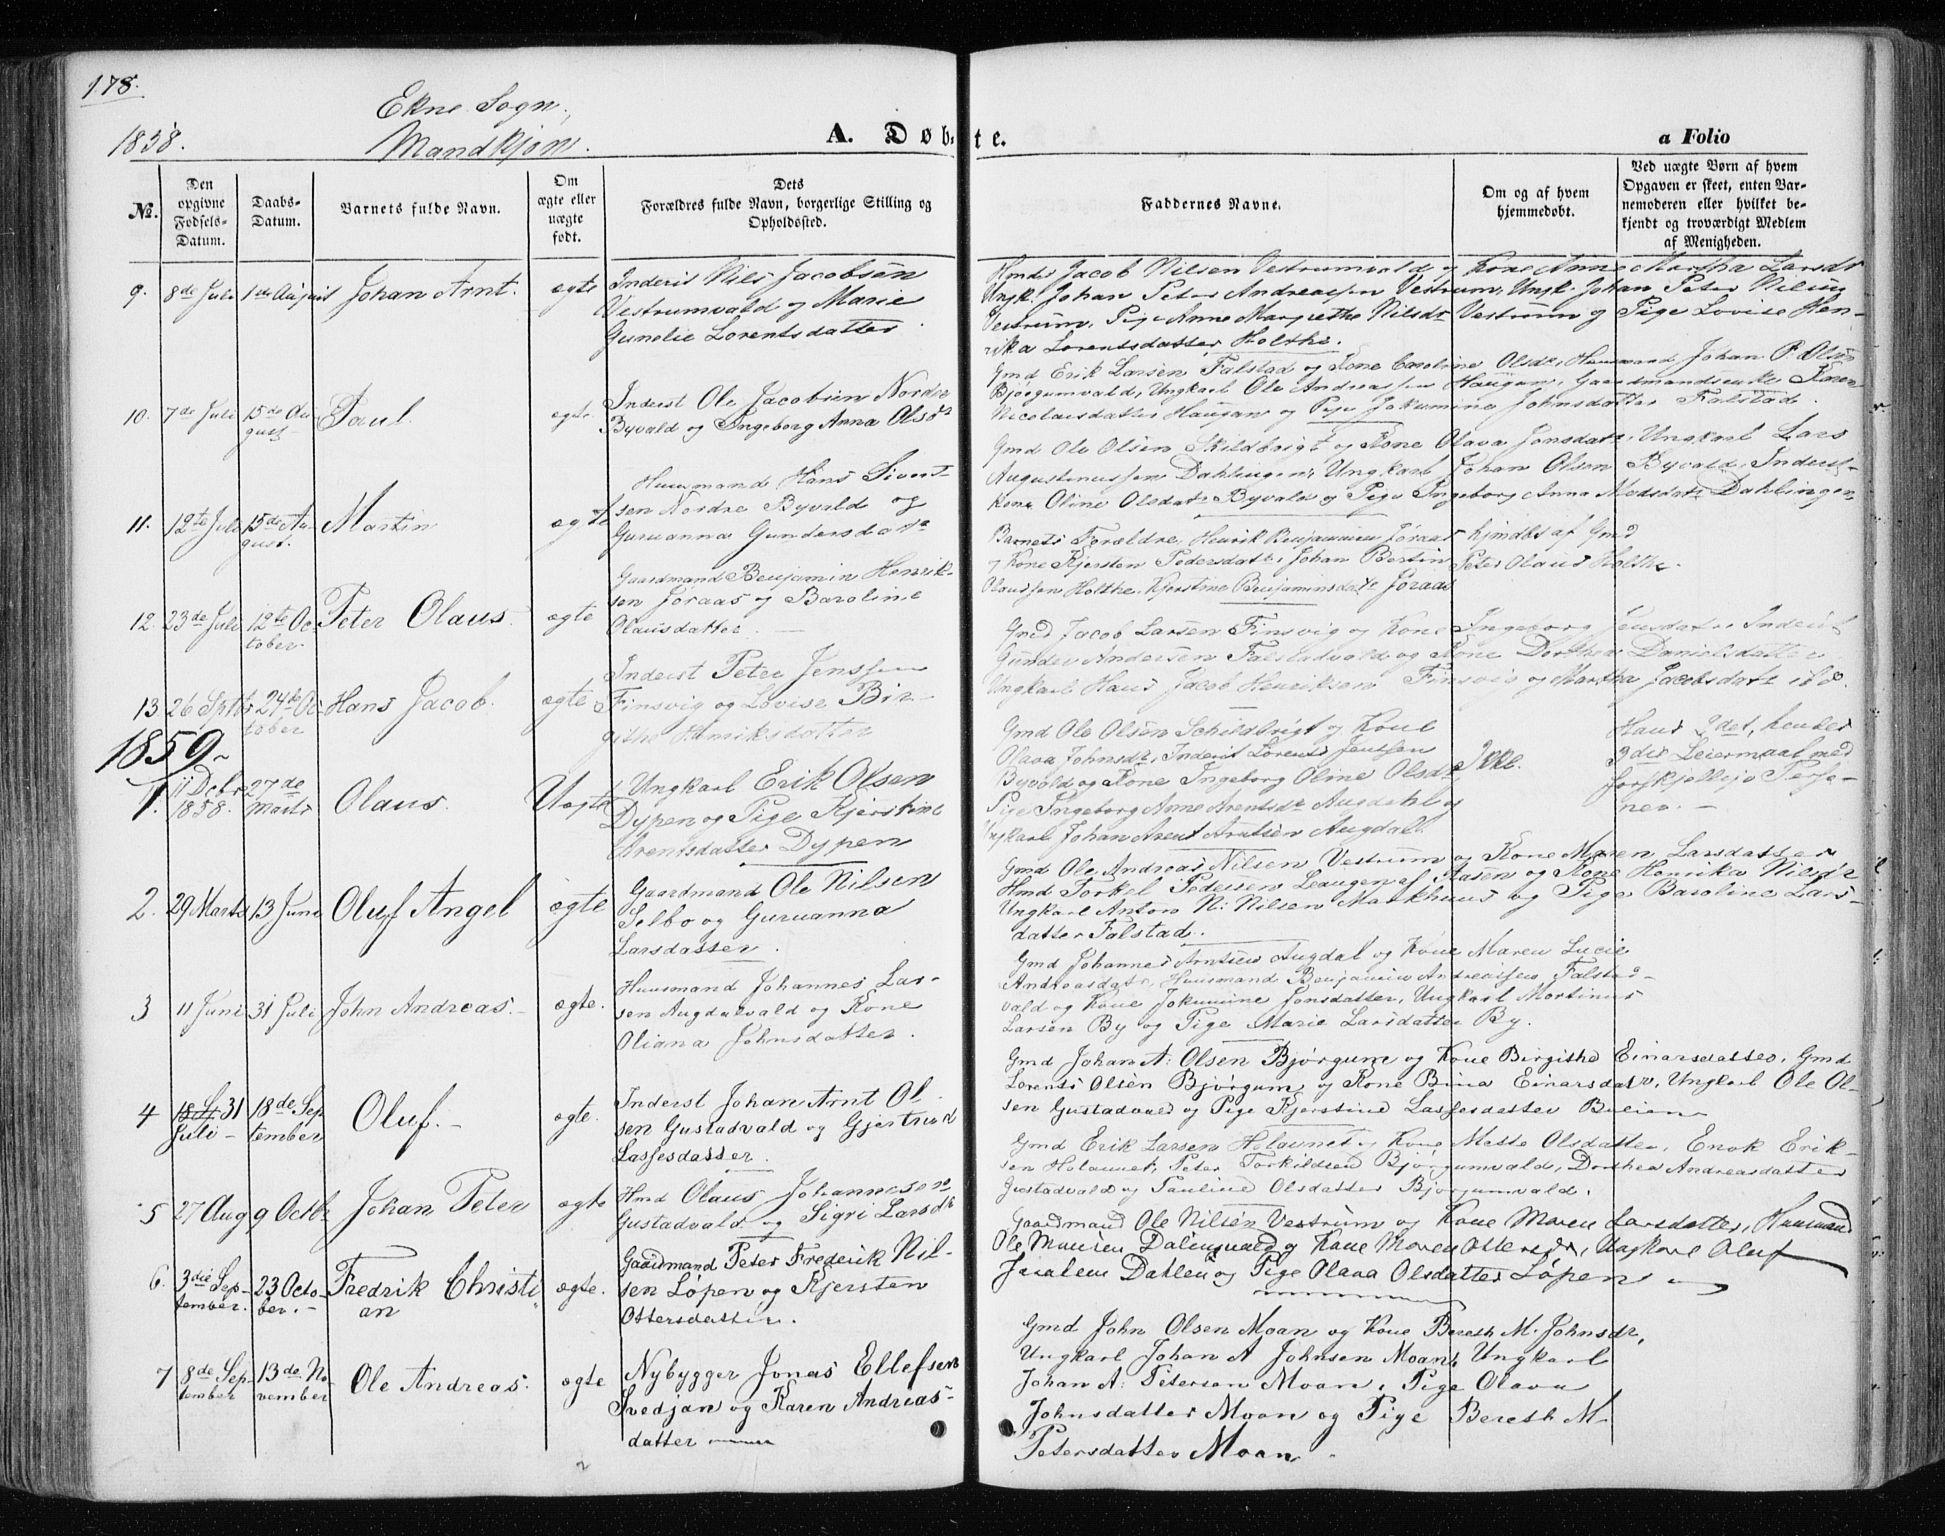 SAT, Ministerialprotokoller, klokkerbøker og fødselsregistre - Nord-Trøndelag, 717/L0154: Ministerialbok nr. 717A07 /3, 1850-1862, s. 178